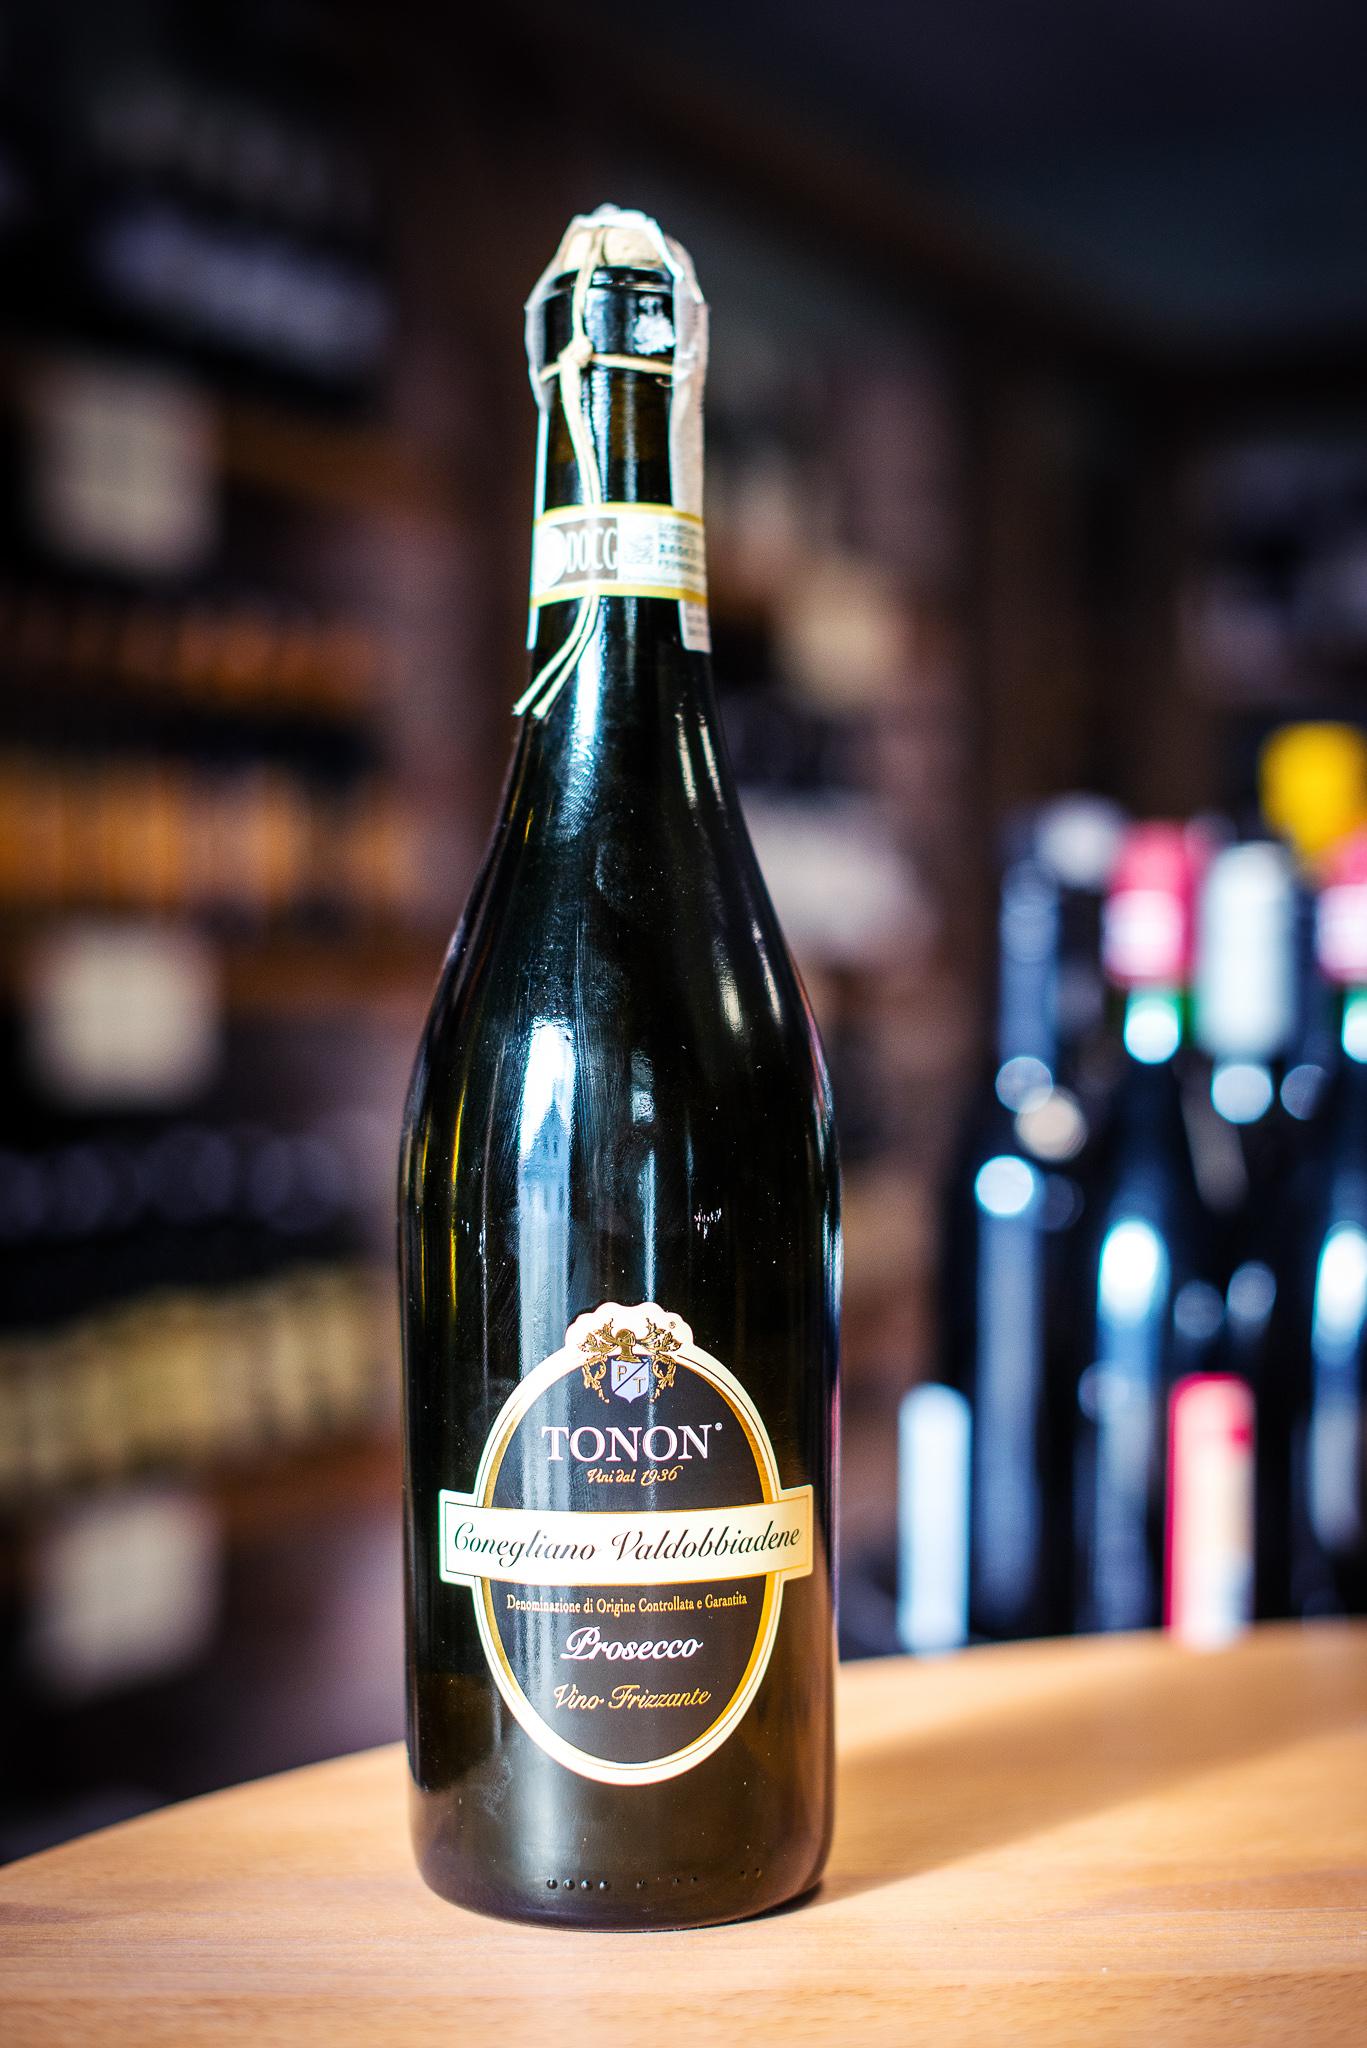 Prosecco Conegliano Valdobbiadene - Vini Tonon